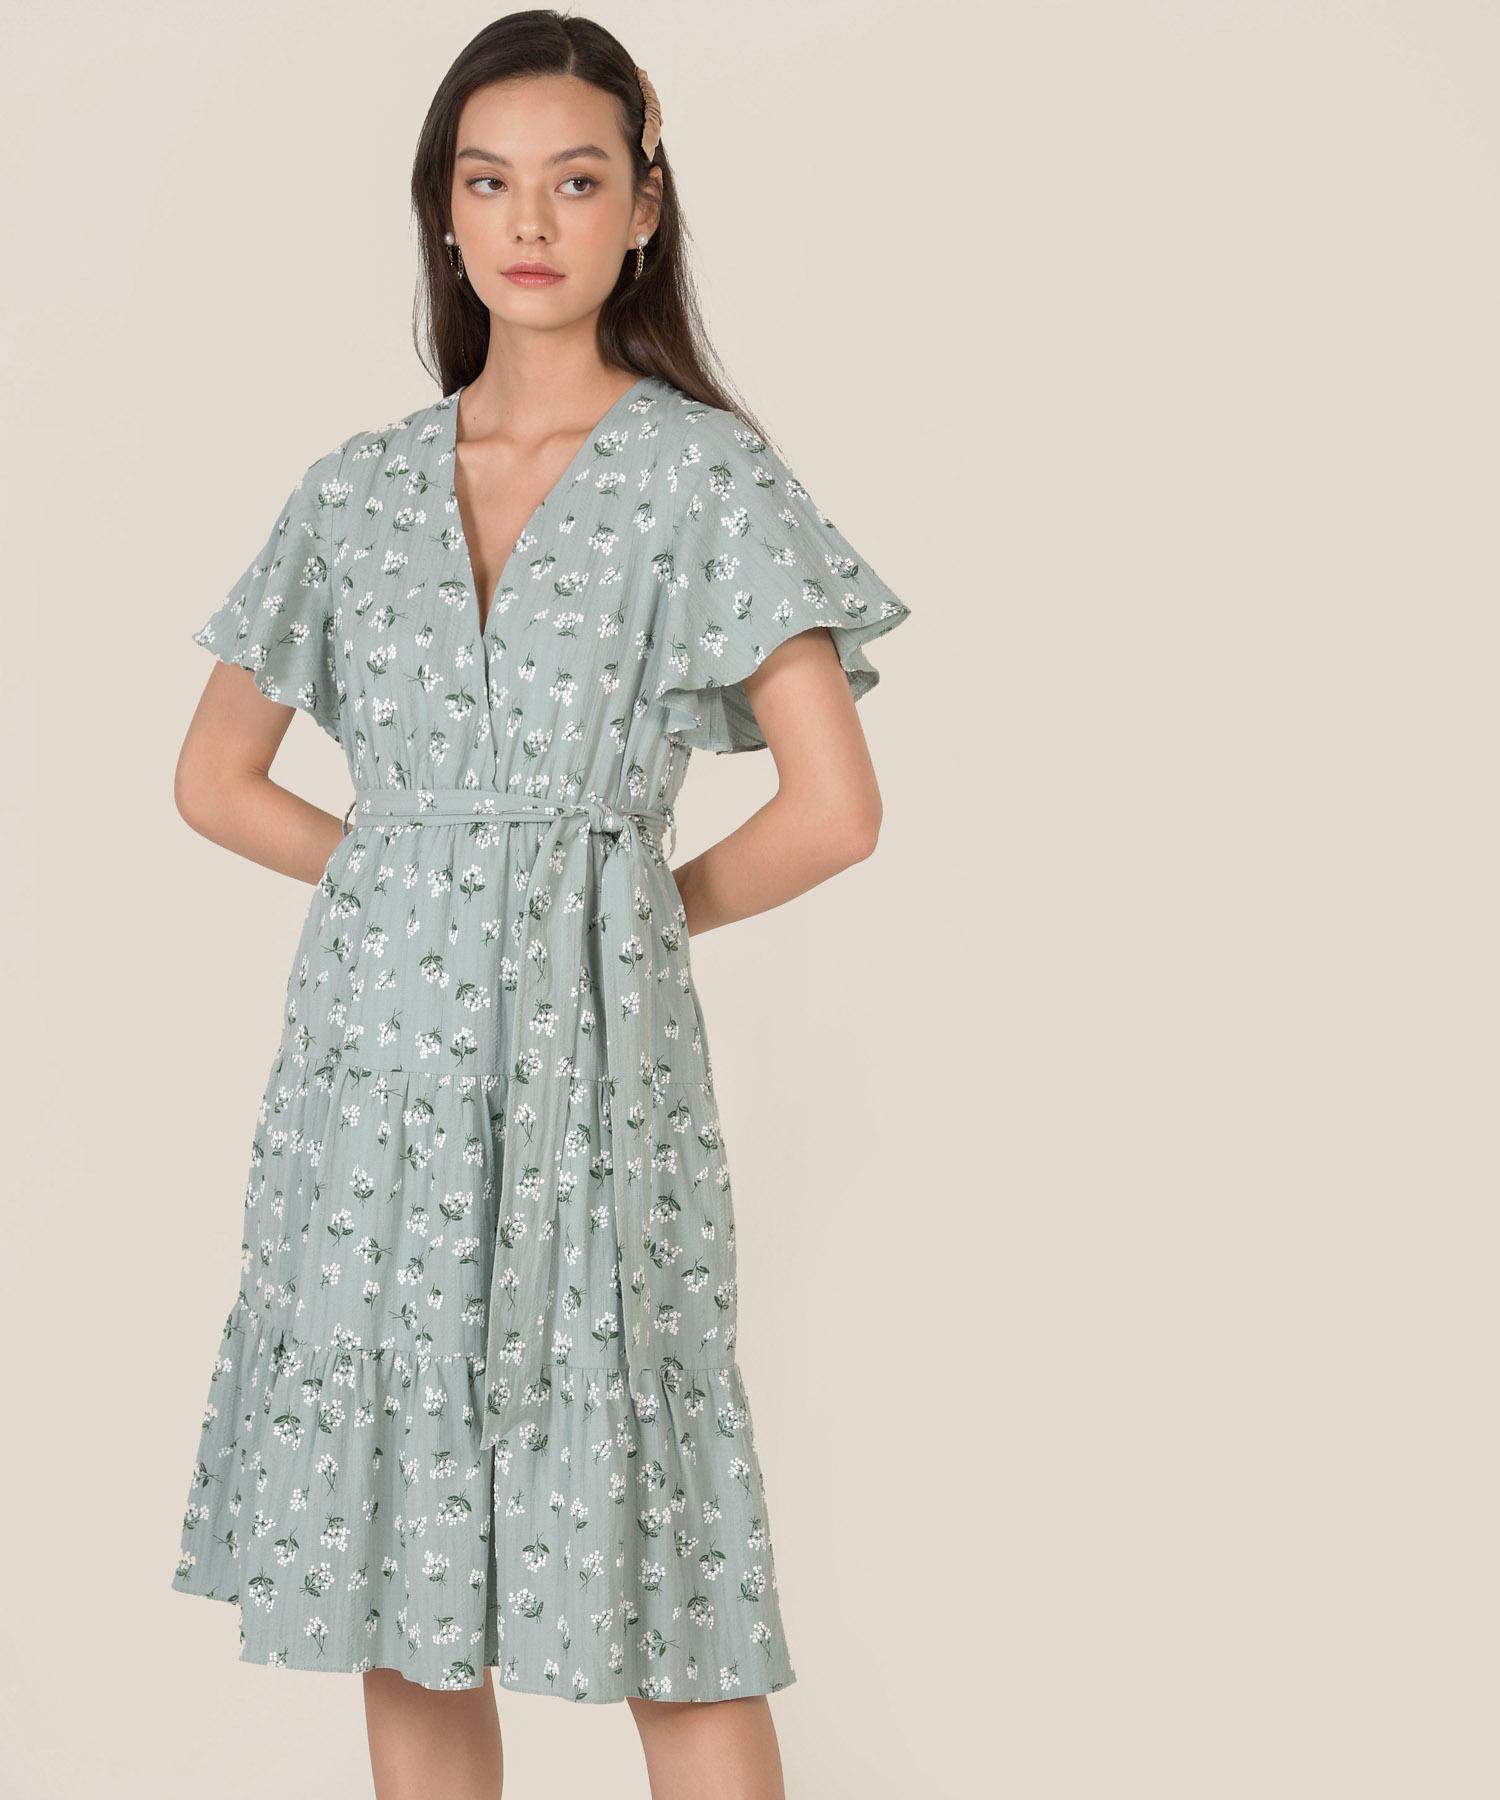 hvv-atelier-diorette-floral-textured-midi-dress-pale-turquoise-1